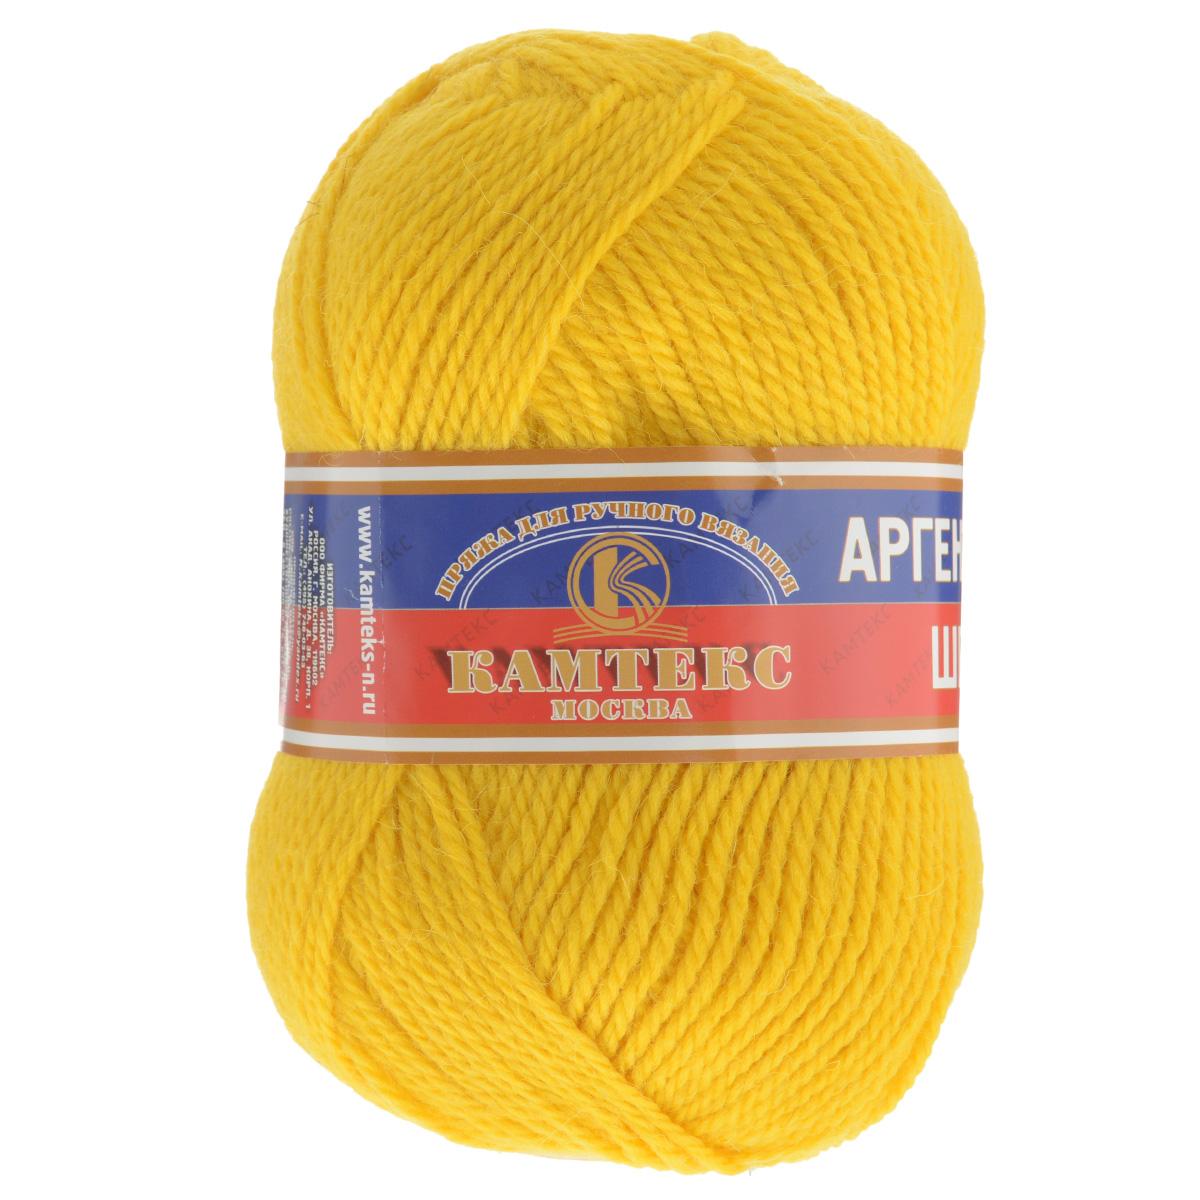 Пряжа для вязания Камтекс Аргентинская шерсть, цвет: желтый (104), 200 м, 100 г, 10 шт136071_104Пряжа для вязания Камтекс Аргентинская шерсть - это стопроцентная импортная шерсть, которая отличается прочностью и гладкостью. Даже при взгляде на моток, сразу видно, что вещи из этой пряжи будут выглядеть дорого. Изделия не скатываются и не деформируются. Пряжа очень легка в работе, даже при роспуске полотна, она не цепляется, и не путается. Ниточка безумно теплая и уютная, отлично подходит для нашей морозной зимы. Даже ажурные шапки и шарфы при всей своей тонкости будут самыми надежными защитниками от снега и сильного ветра. Очень хорошо смотрятся из этой шерсти узоры из кос и жгутов. Рекомендуются спицы и крючки для вязания 3-5 мм. Состав: 100% шерсть.